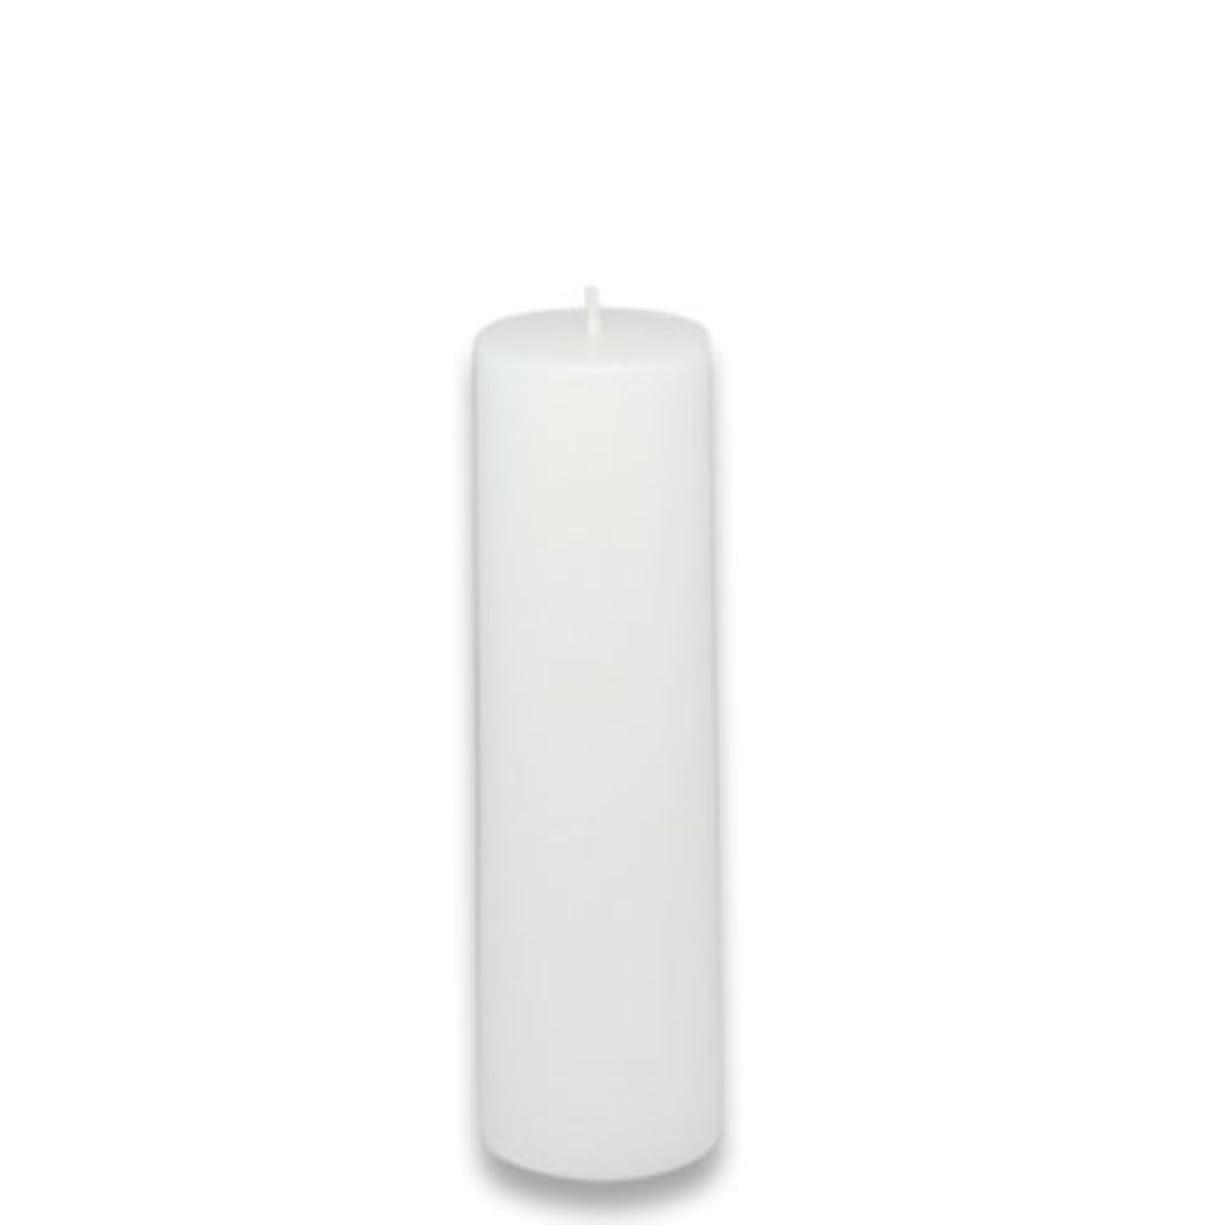 穏やかな願望マザーランドZest Candle Pillar Candle, 2 by 6-Inch, White [並行輸入品]